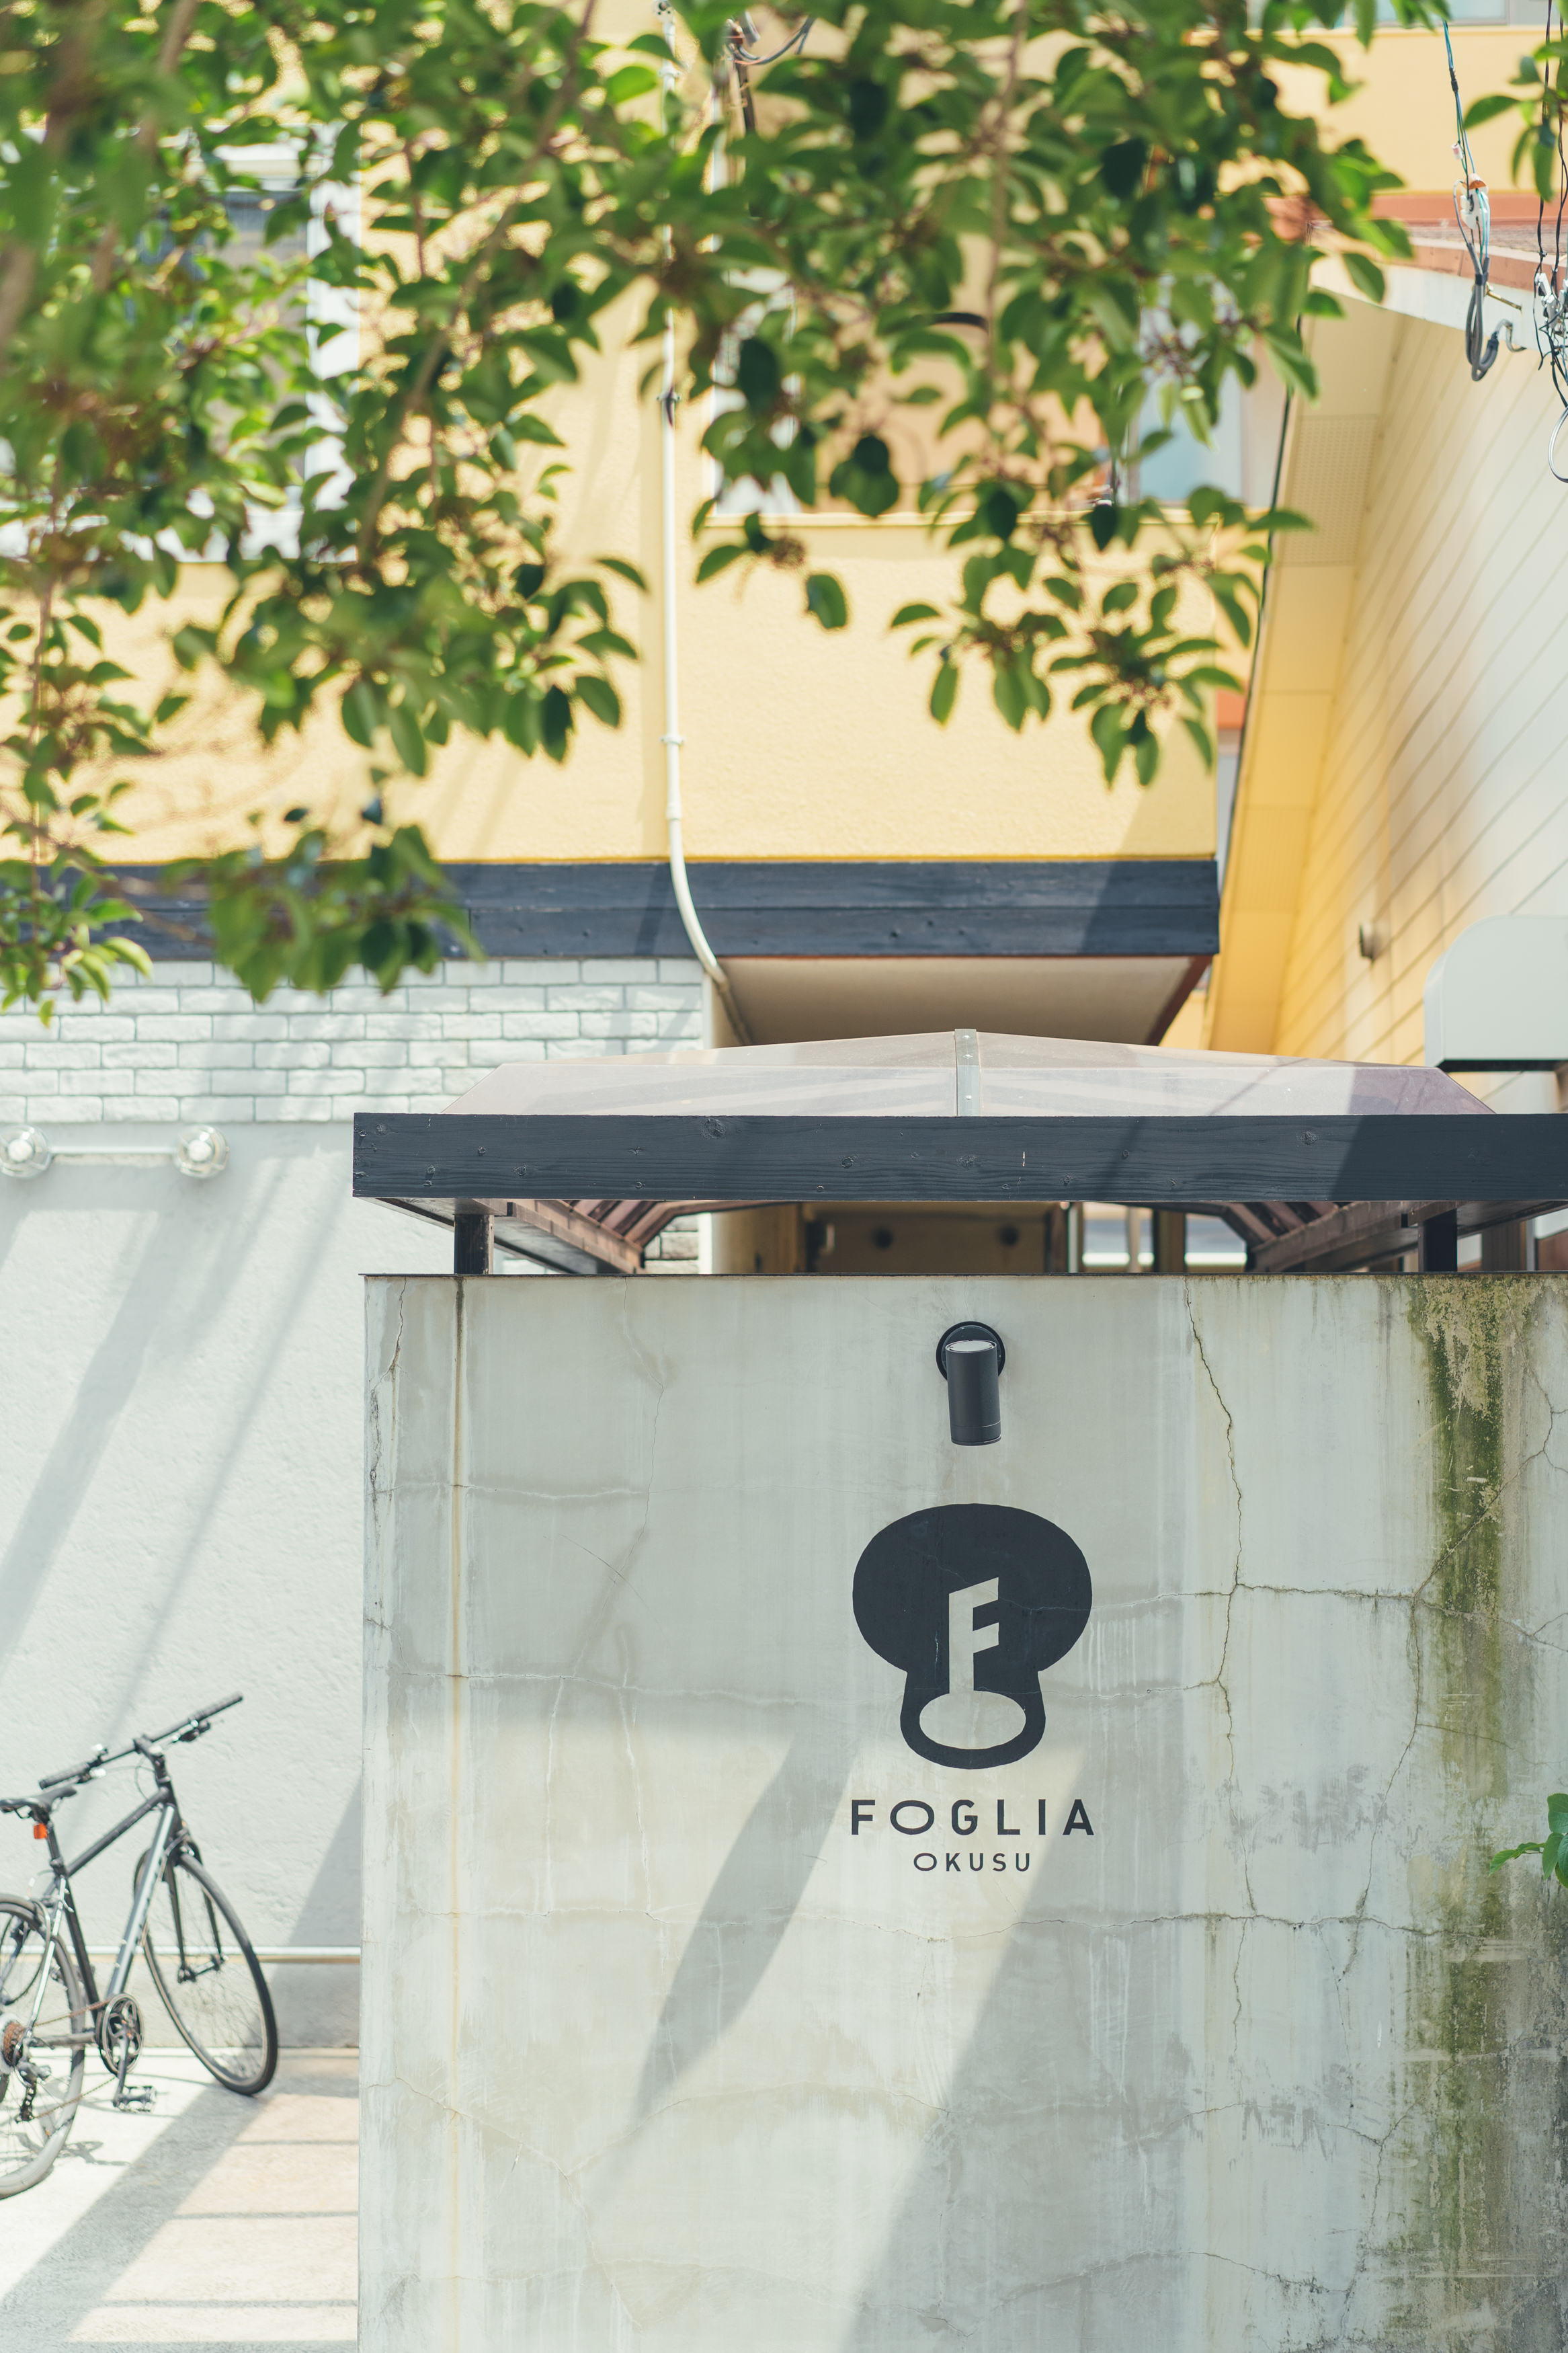 foglia-1.jpg